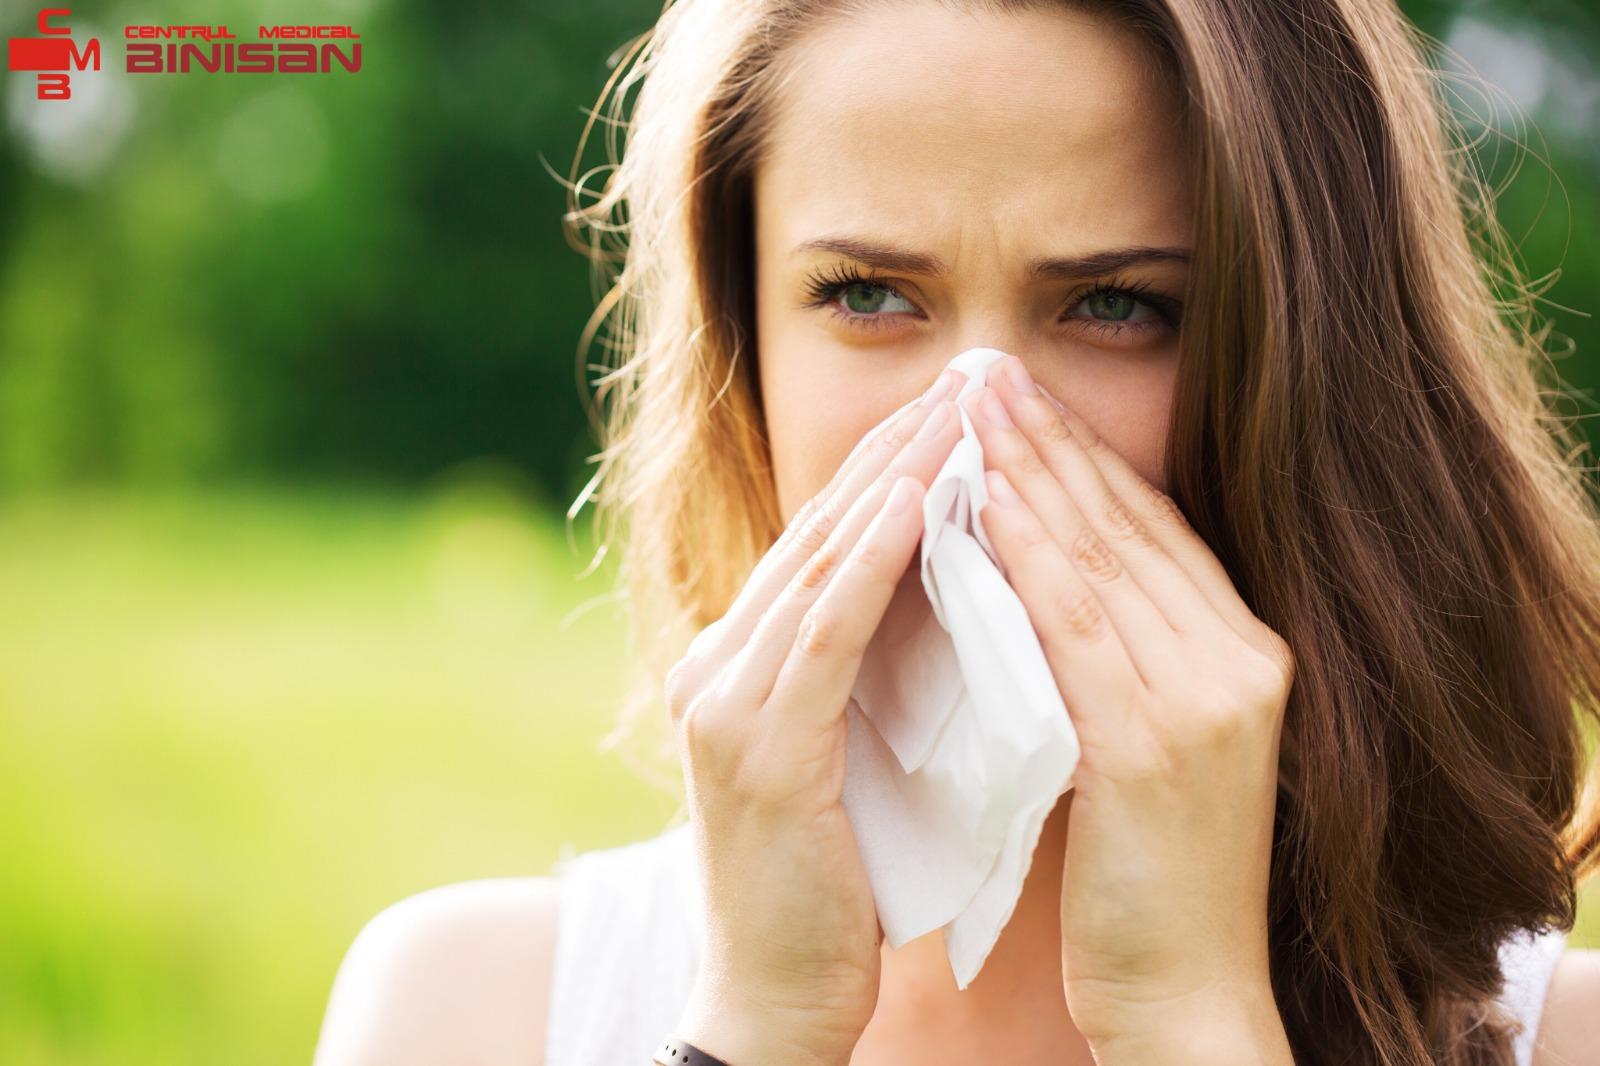 Sigur nu știai asta! Alergiile – cauzate în principal de stres, de dietă dezechilibrată şi de stil de viaţă nesănătos